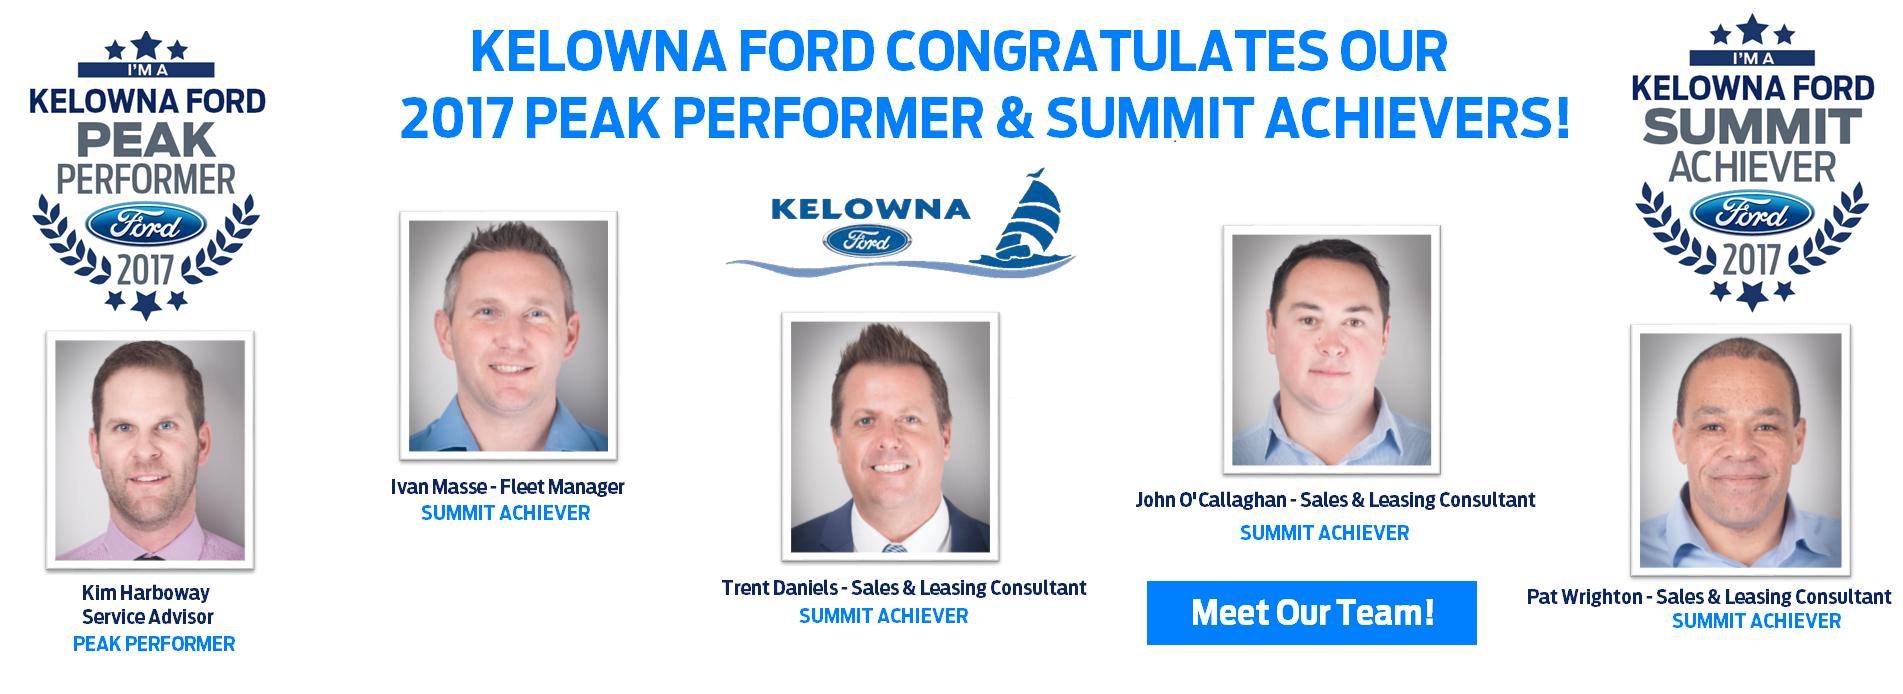 2017 Summit Achievers and Peak Performers Kelowna Ford